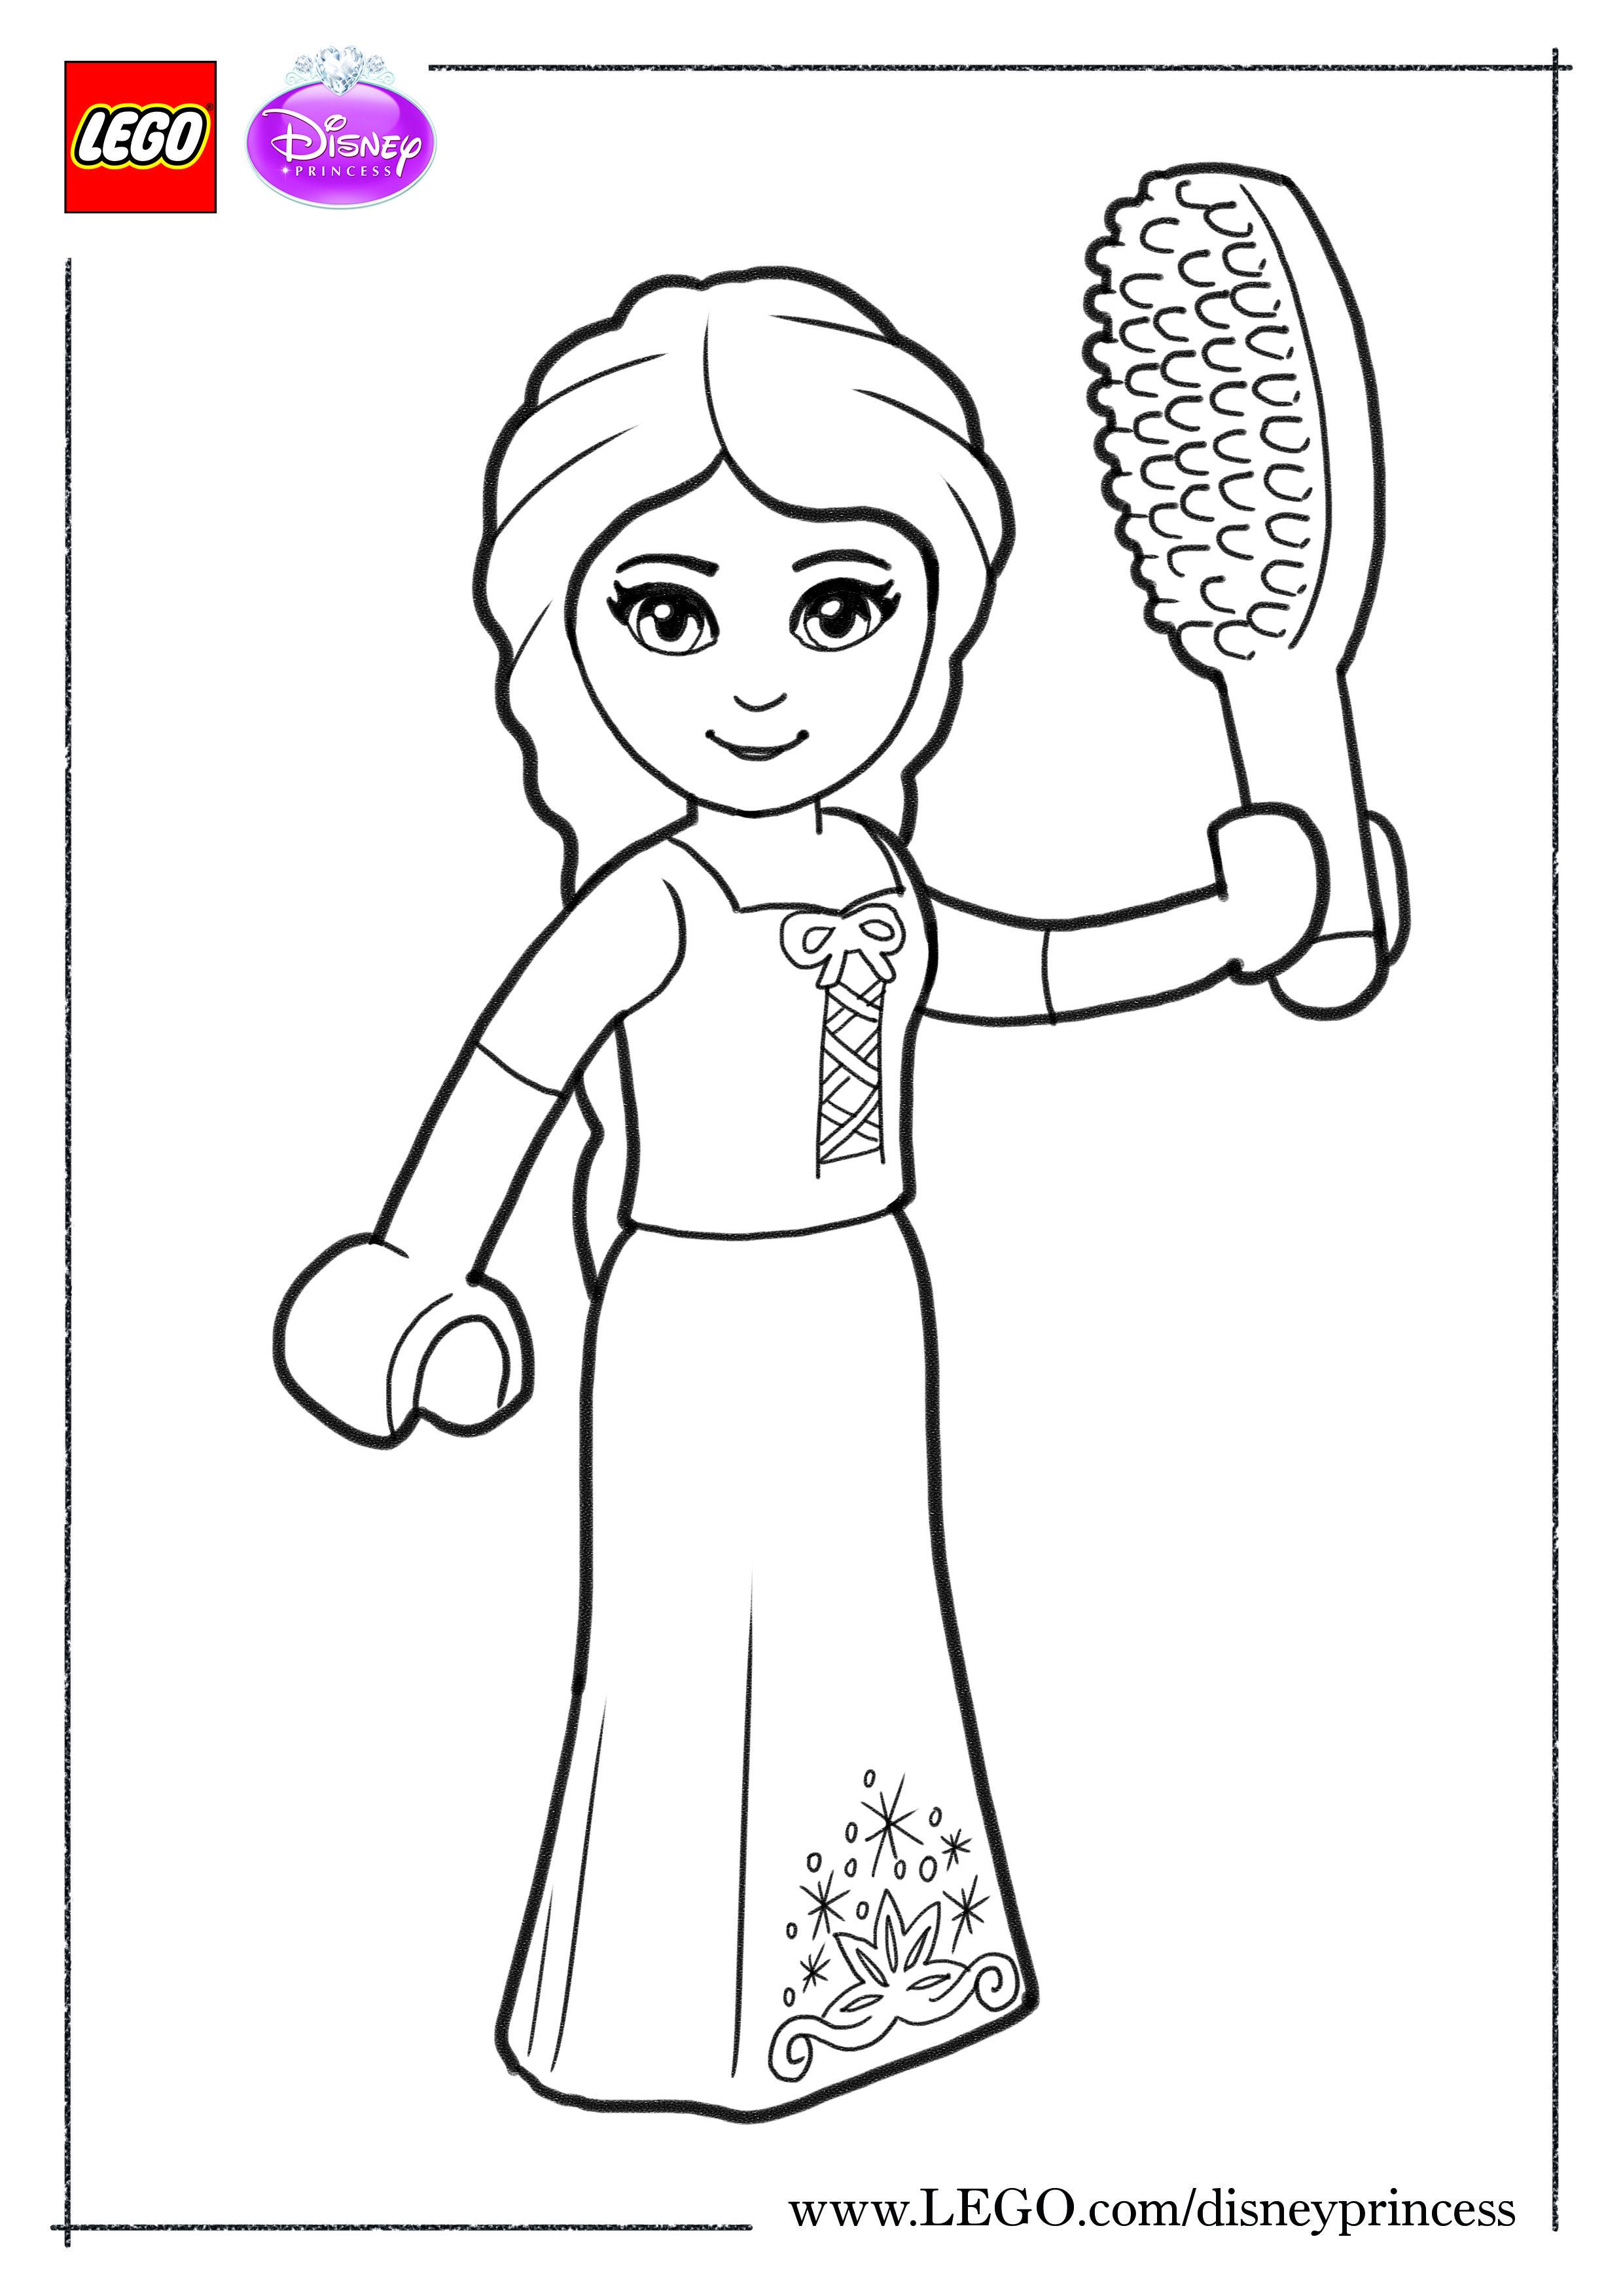 Print And Colour Our Lego Disney Princess Rapunzel Disney